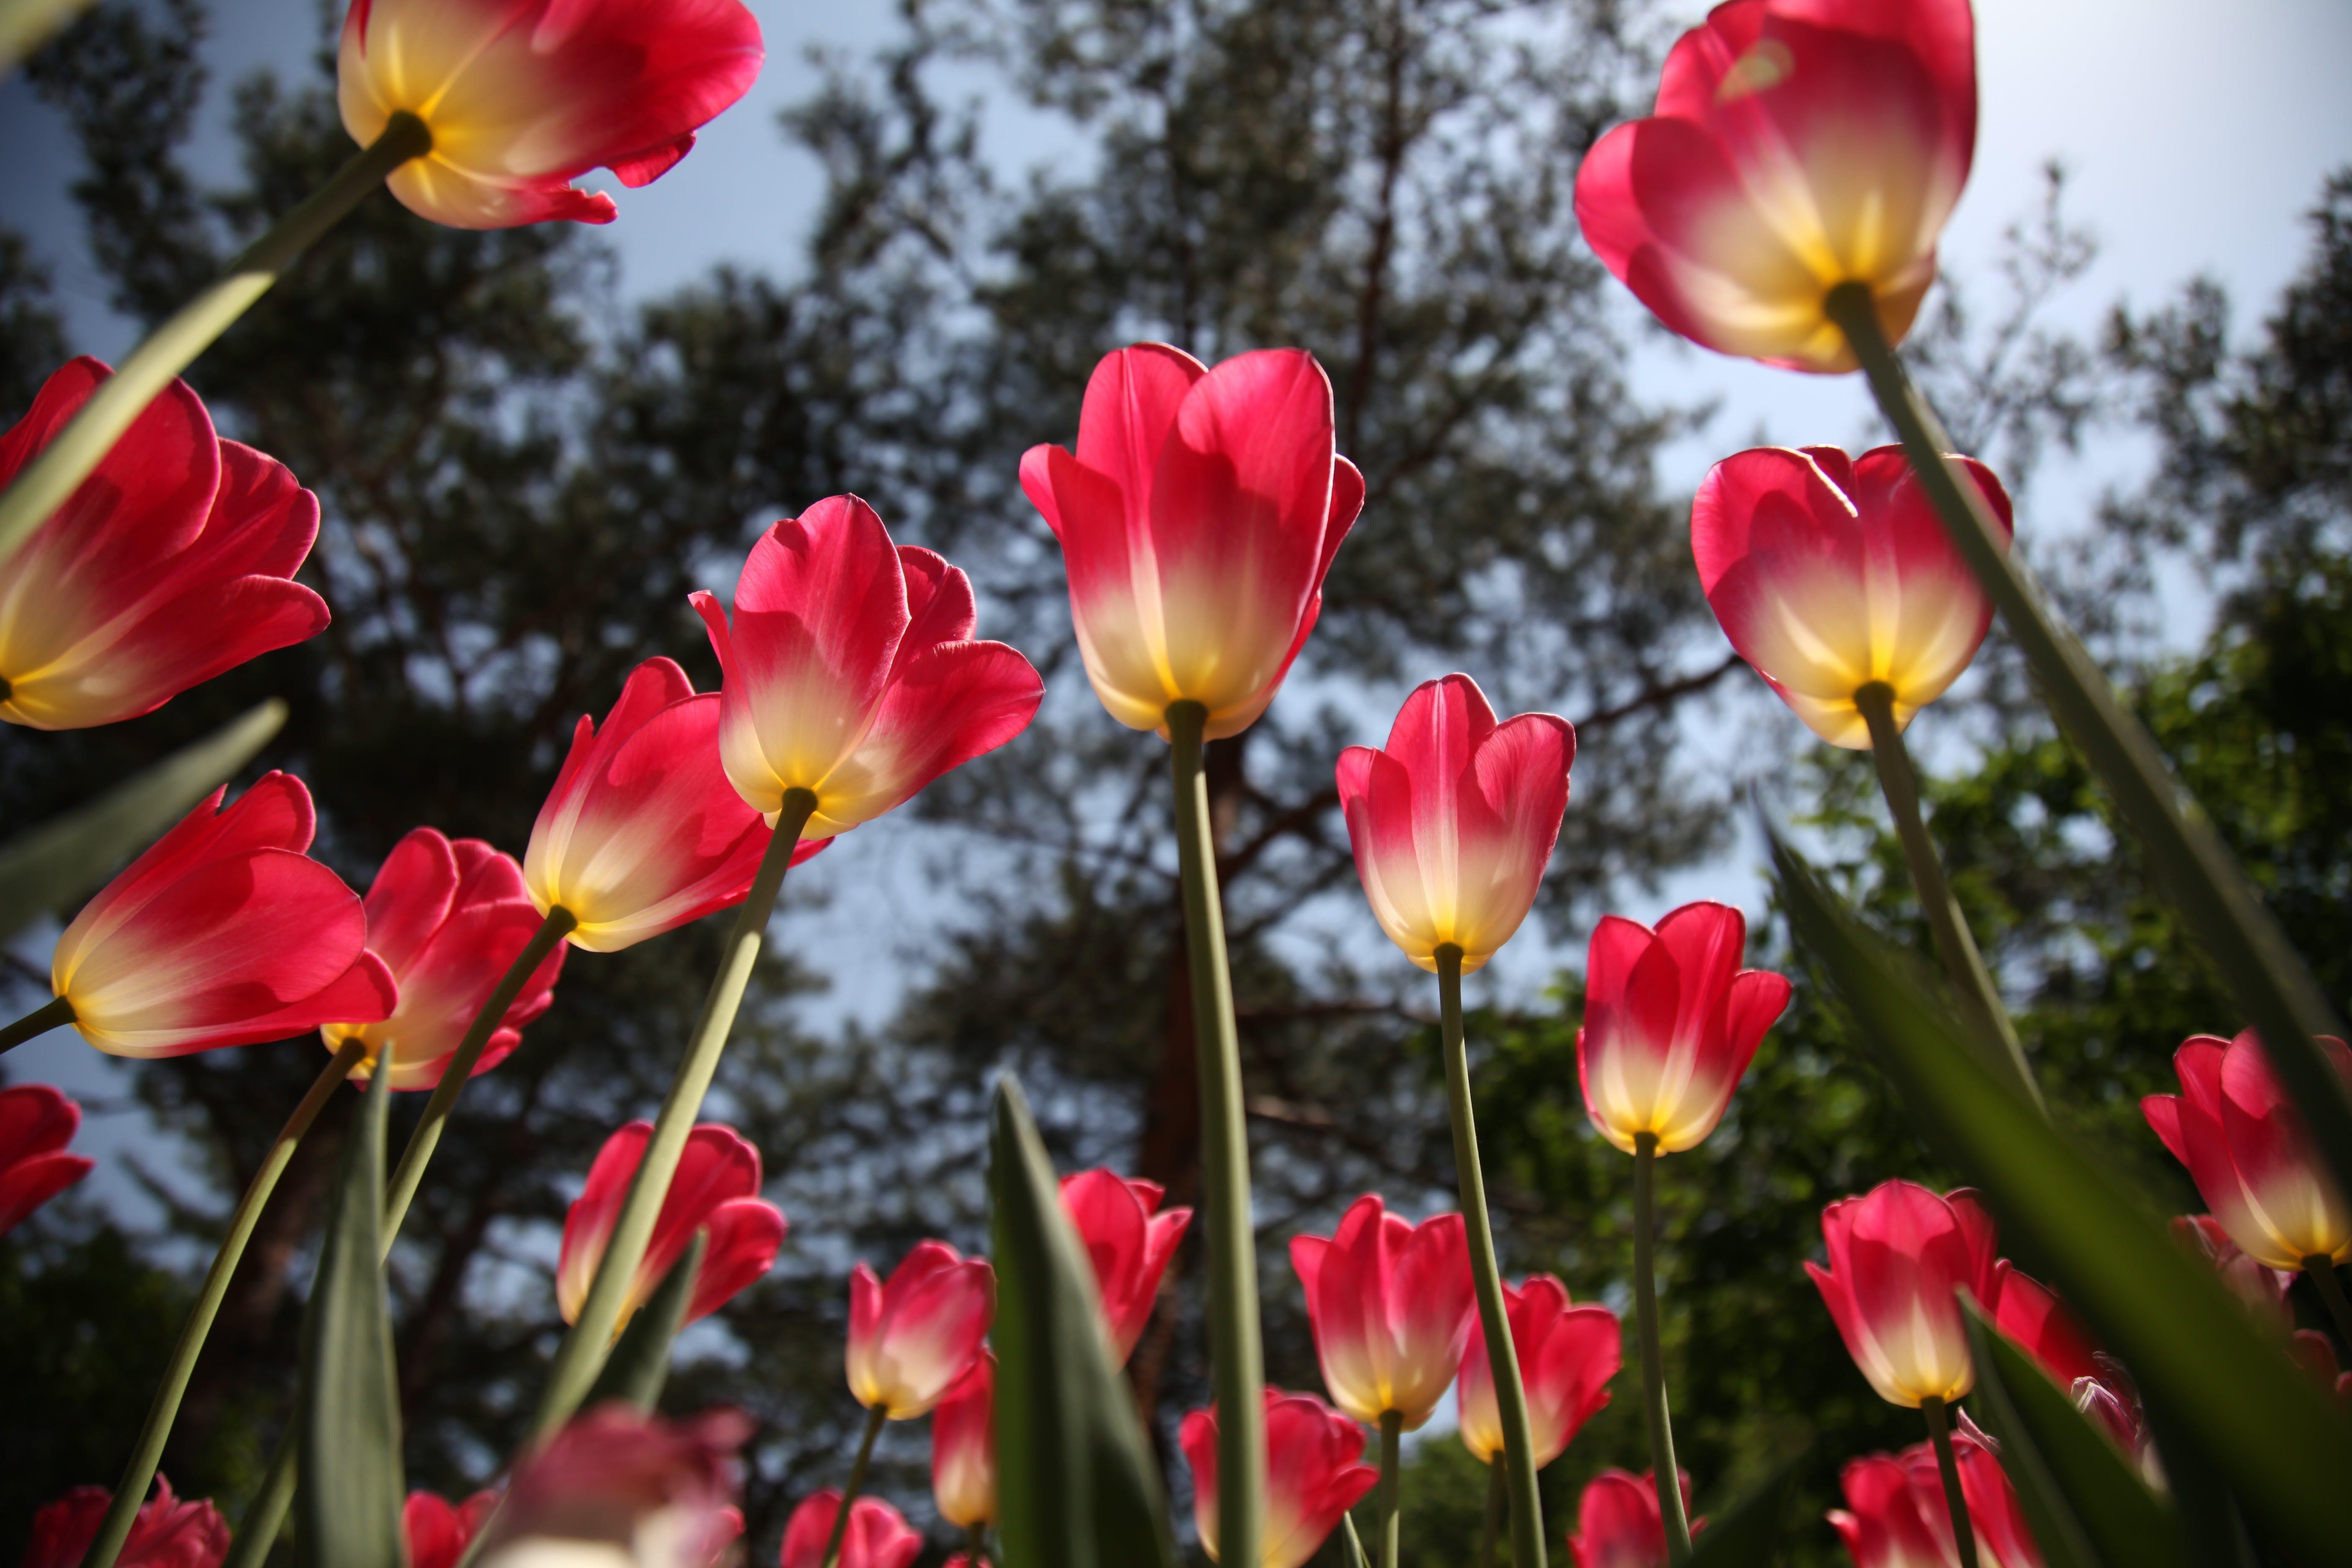 alan, bakış açısı, bitki örtüsü, bitkiler içeren Ücretsiz stok fotoğraf